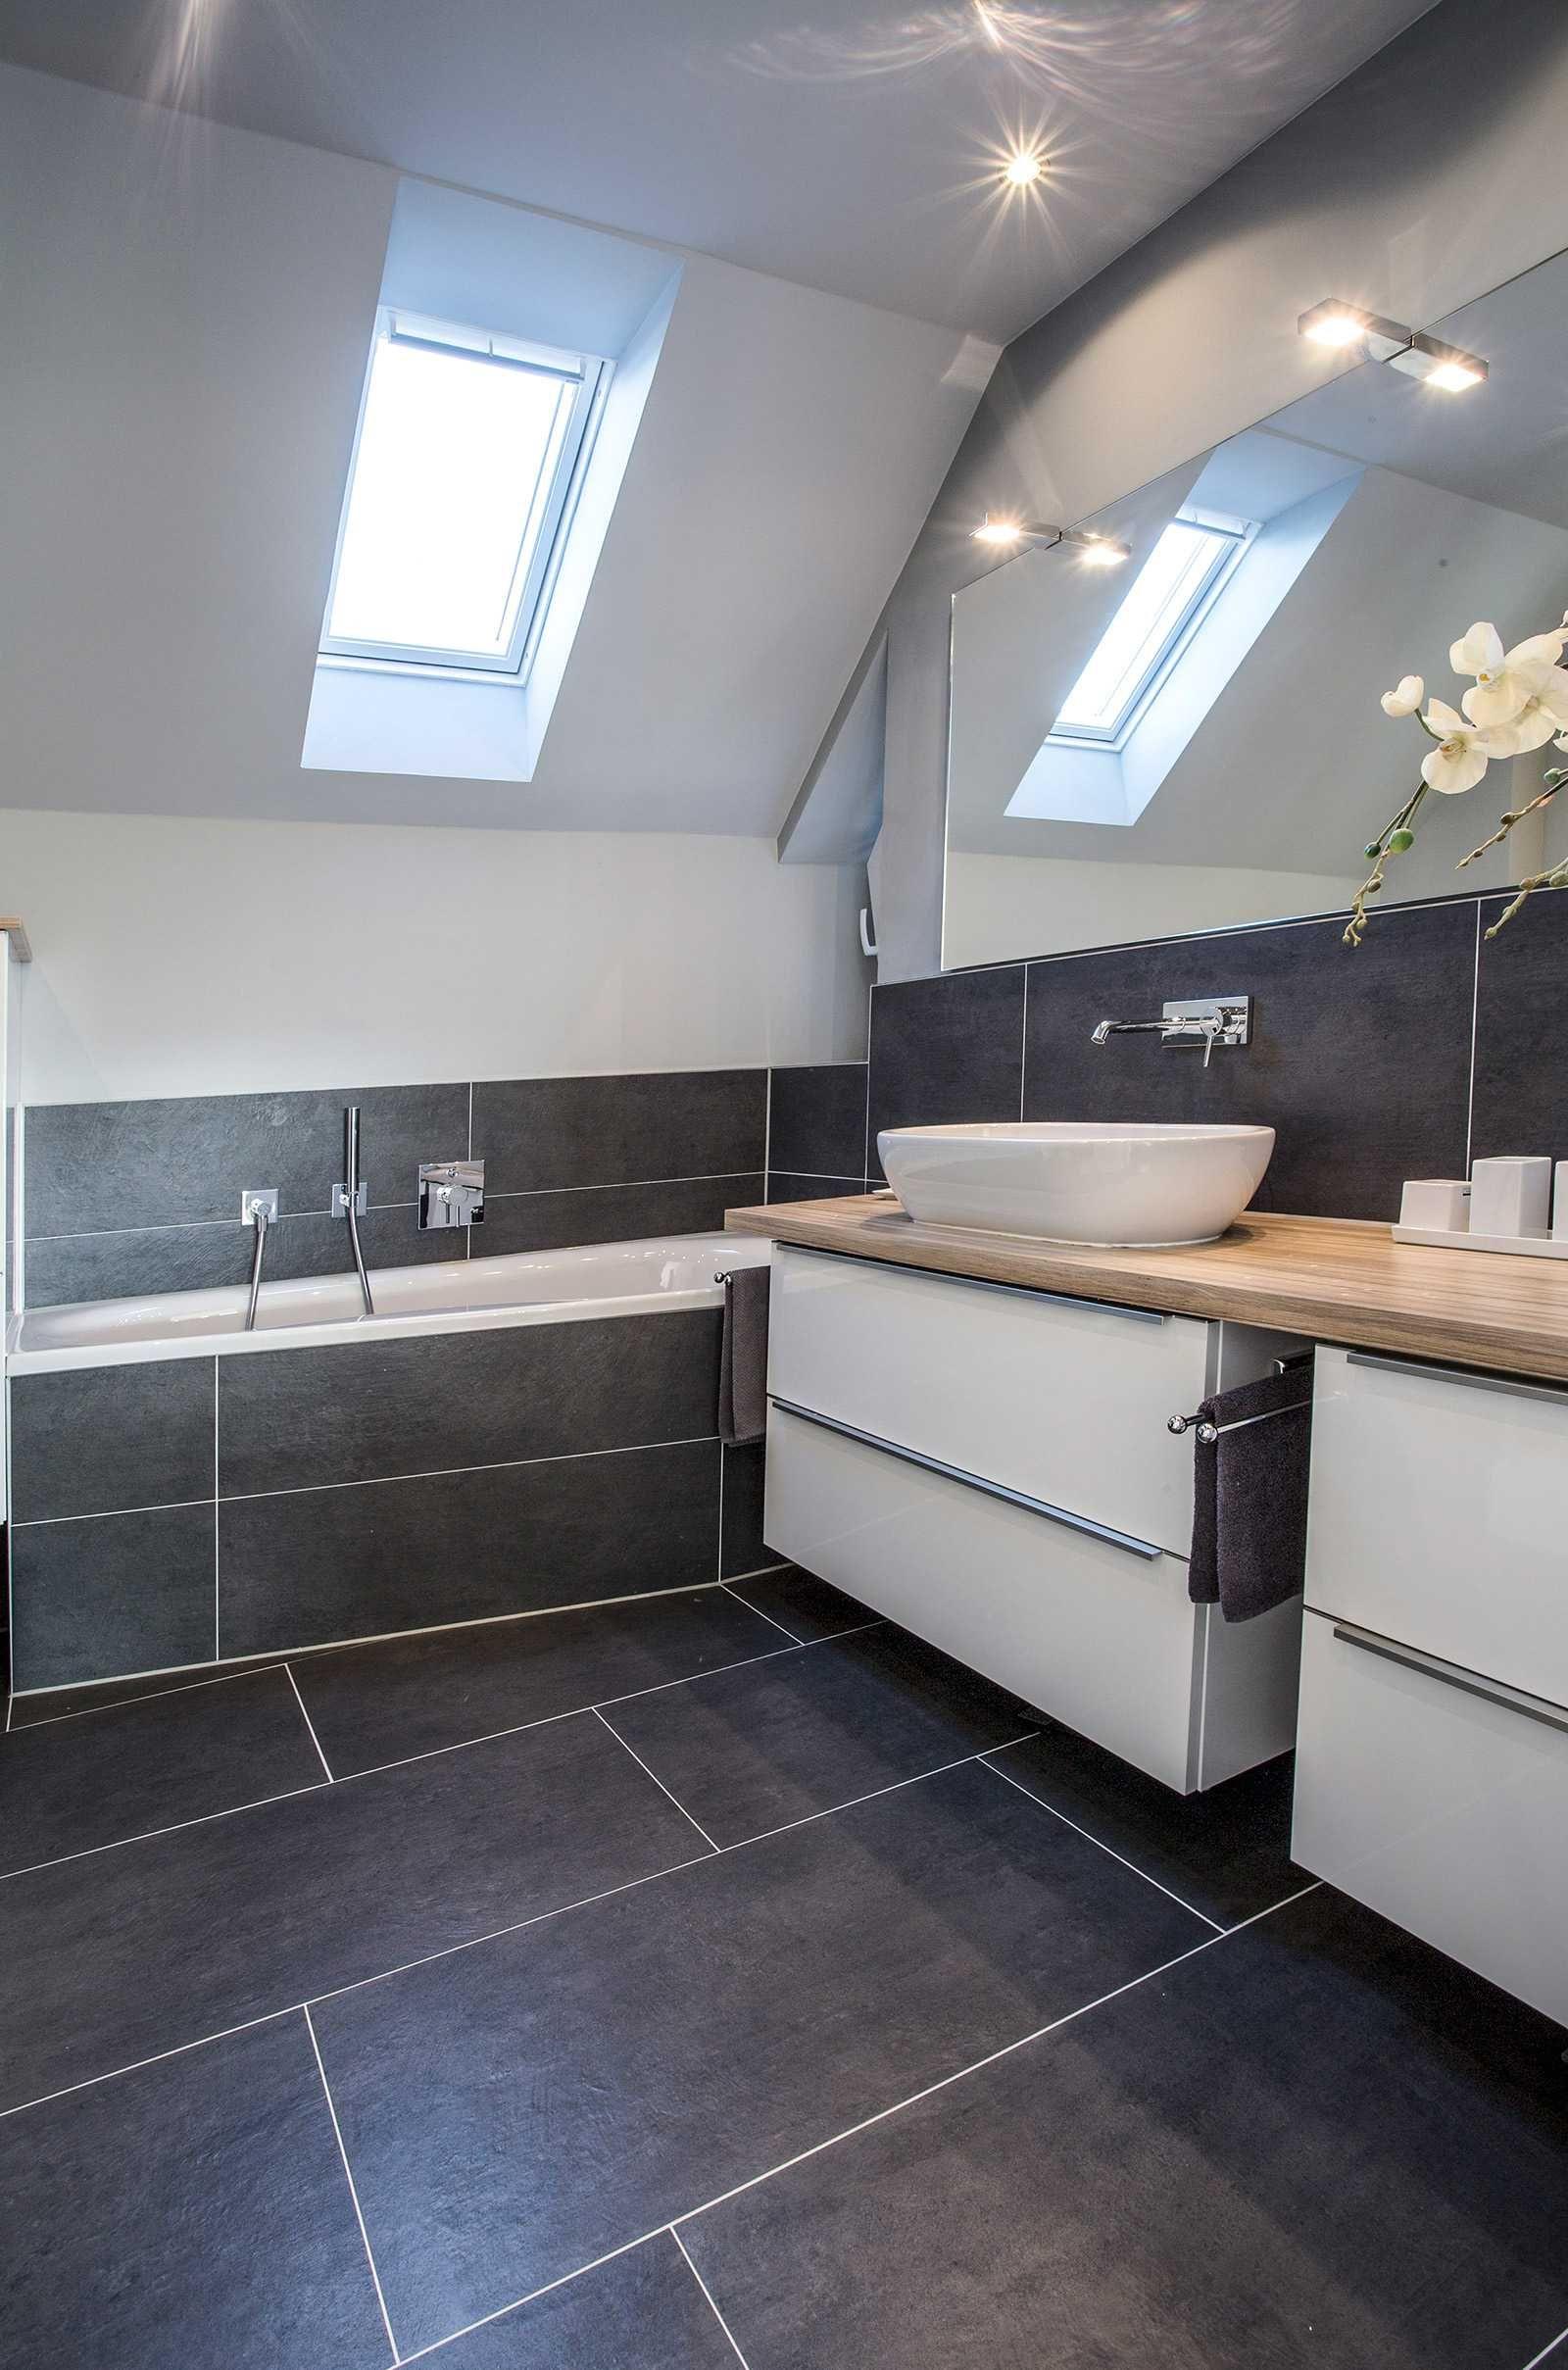 Unsere Badezimmer Ideen Und Referenzen Luxus Badewanne Moderne